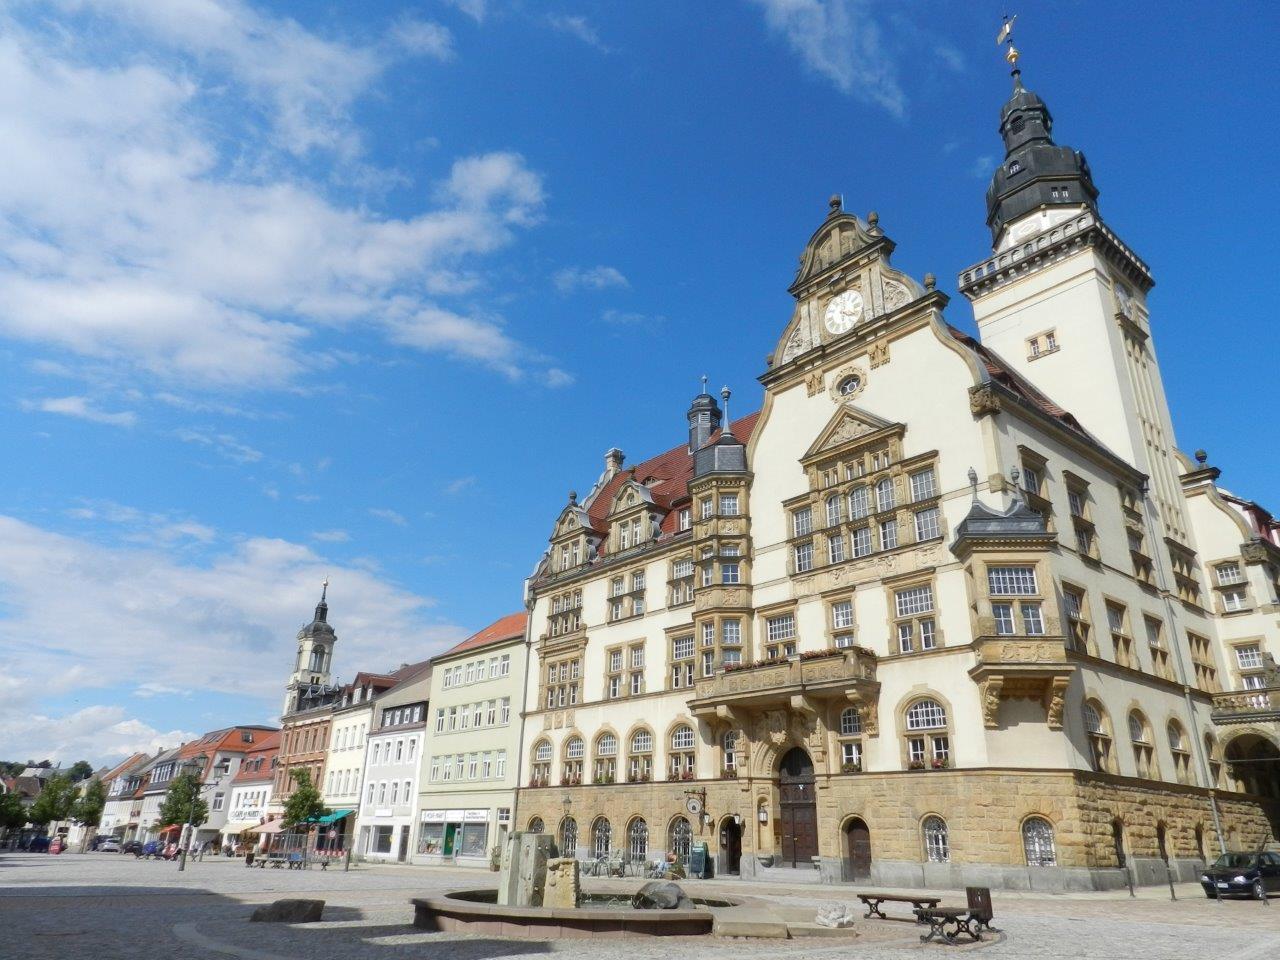 Rathaus der Stadt Werdau